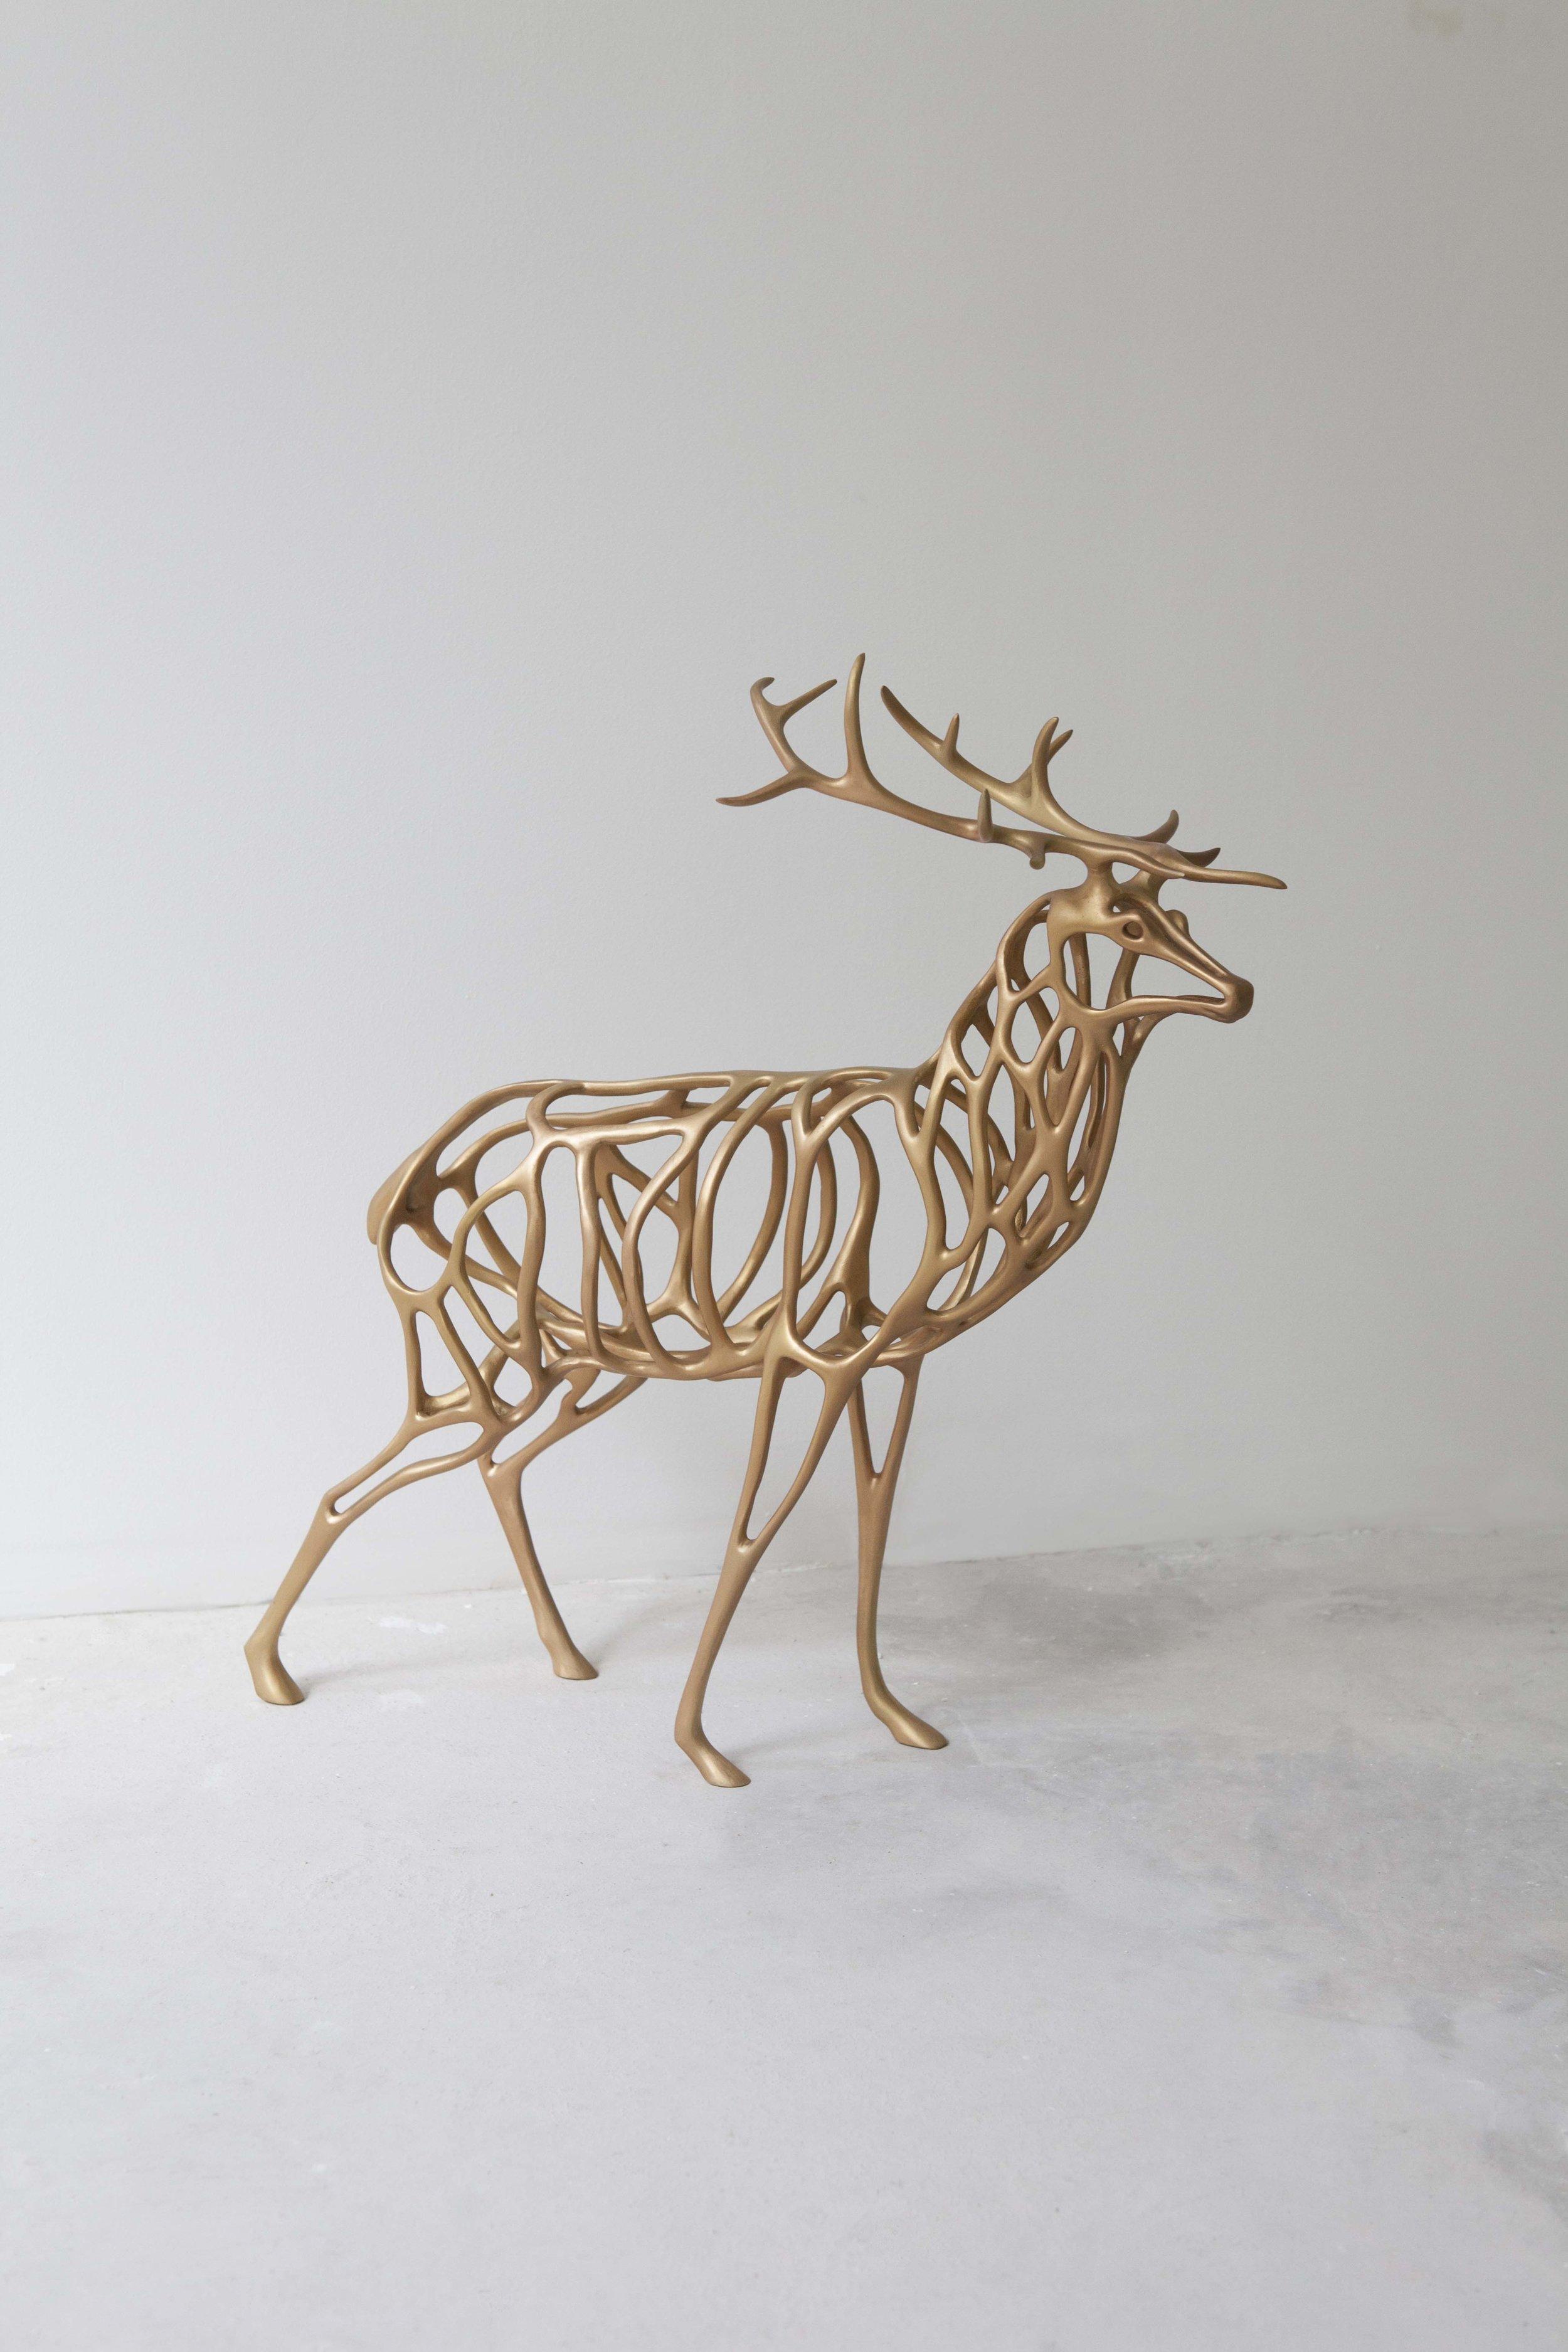 Richard Texier -Deer en bronze - 54 x50 x 24cm - doré.jpg